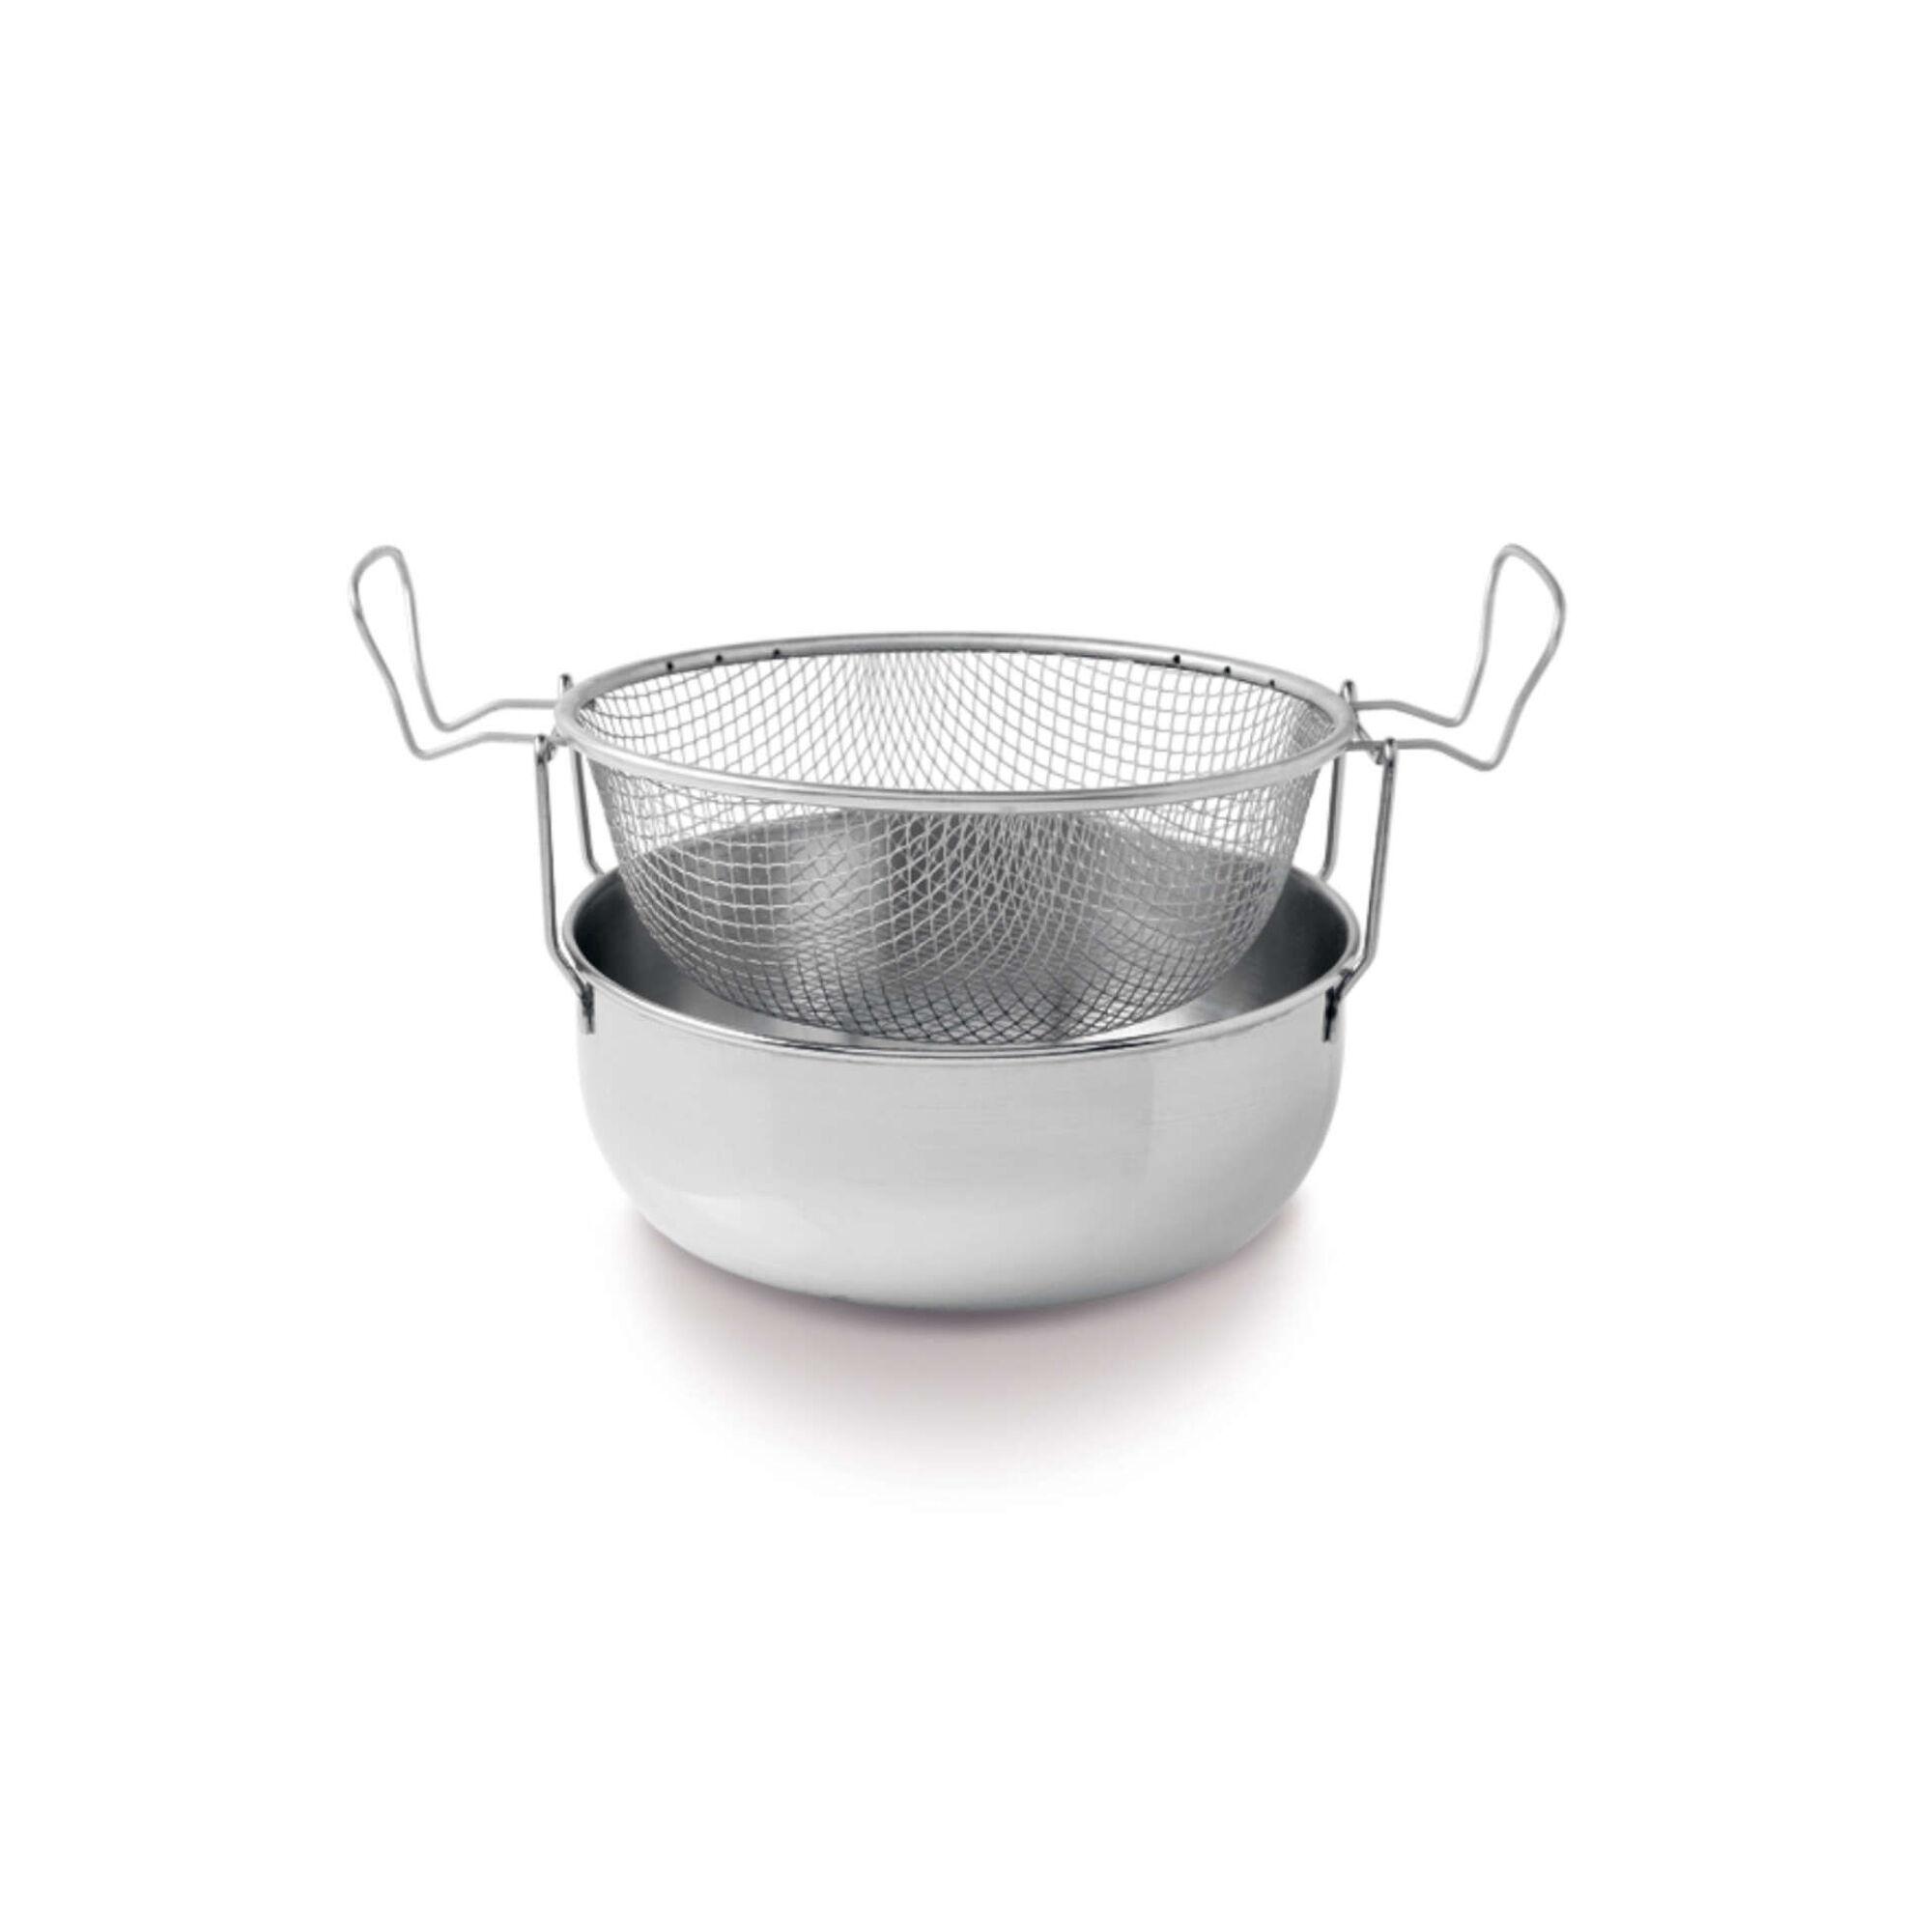 Caçarola Fritadeira Aço Inoxidável com Cesto 24cm